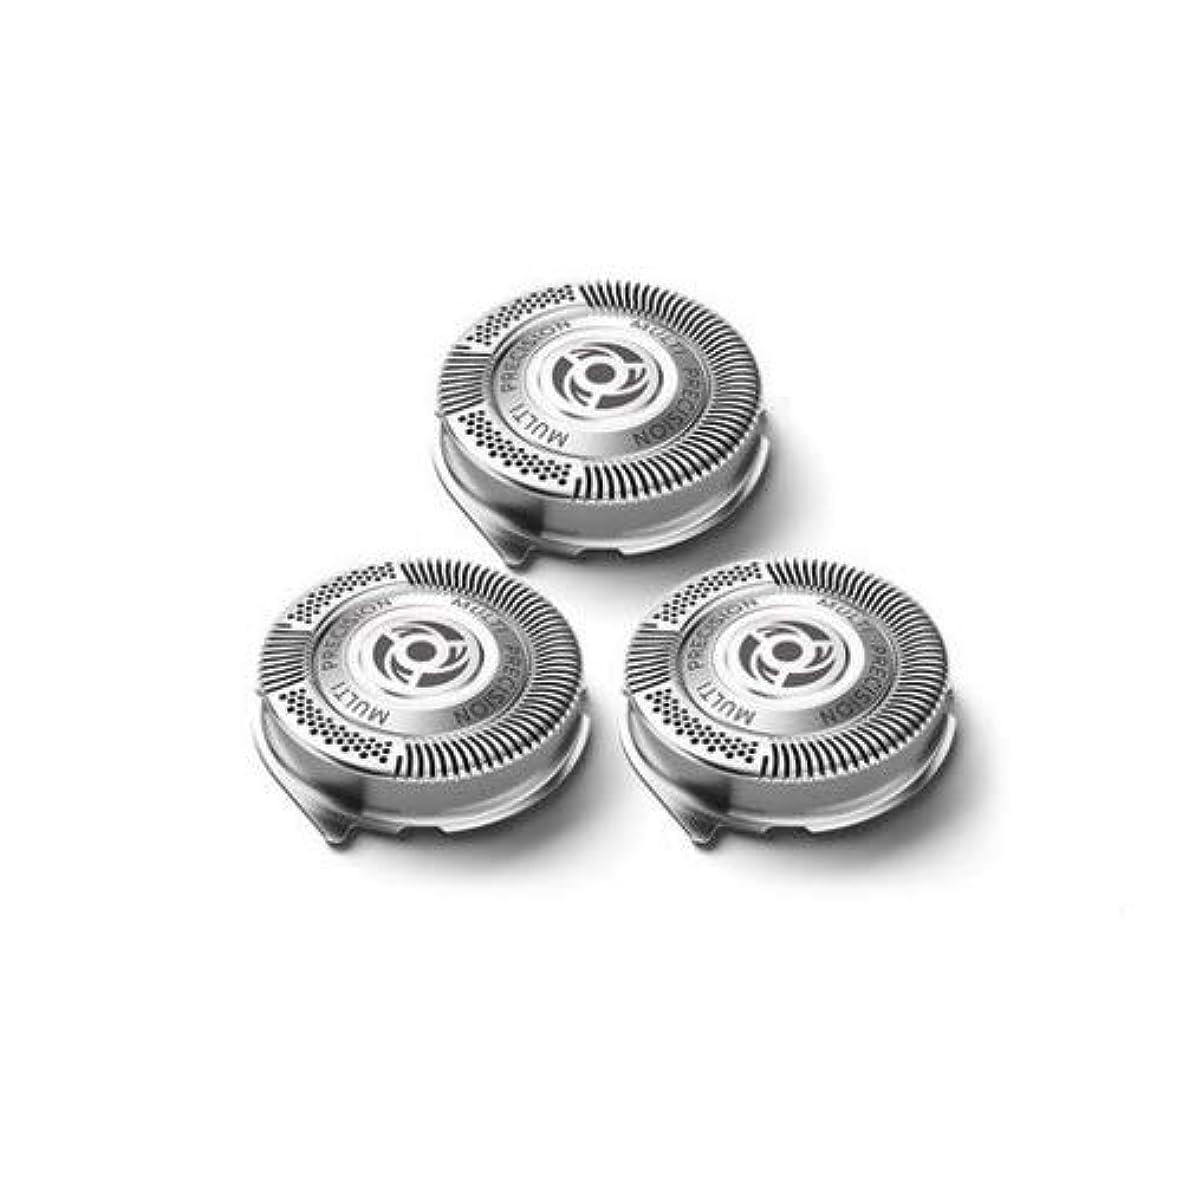 ビザ用語集すばらしいですシェーバーカミソリヘッド交換 替え刃 に適用するPhilips SH50 DualPrecisionヘッド(3個)